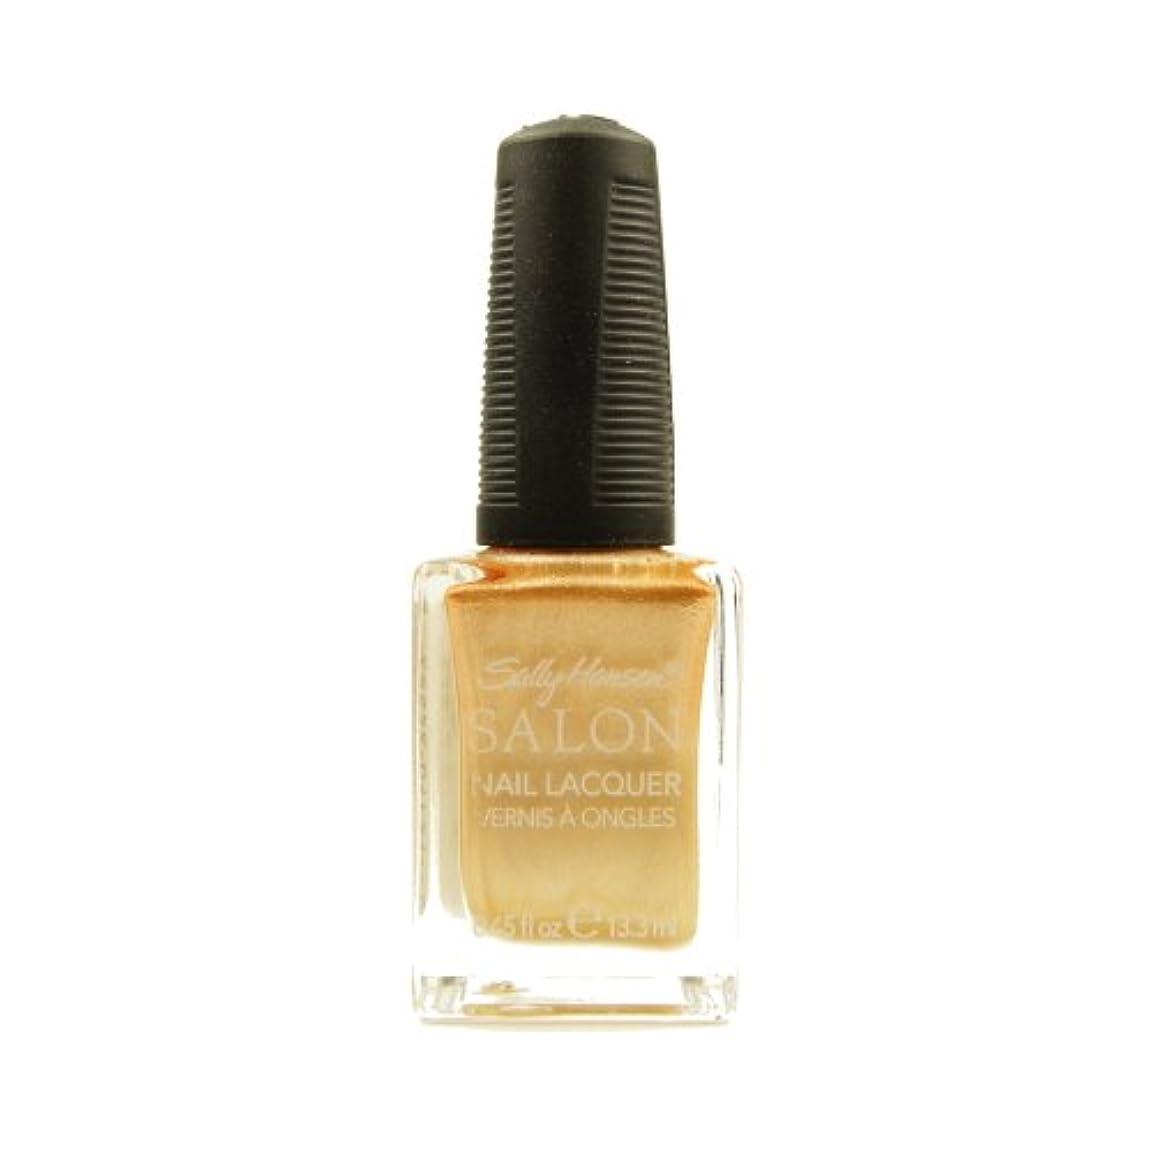 タクト起こりやすいバスト(3 Pack) SALLY HANSEN Salon Nail Lacquer 4134 - Gilty Pleasure (並行輸入品)